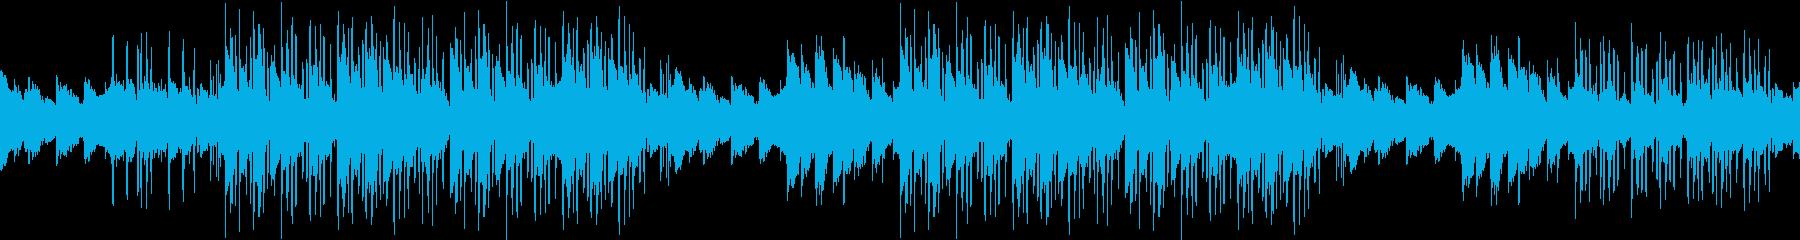 バラード・ピアノ・ネガティブ・悩み・苦悩の再生済みの波形